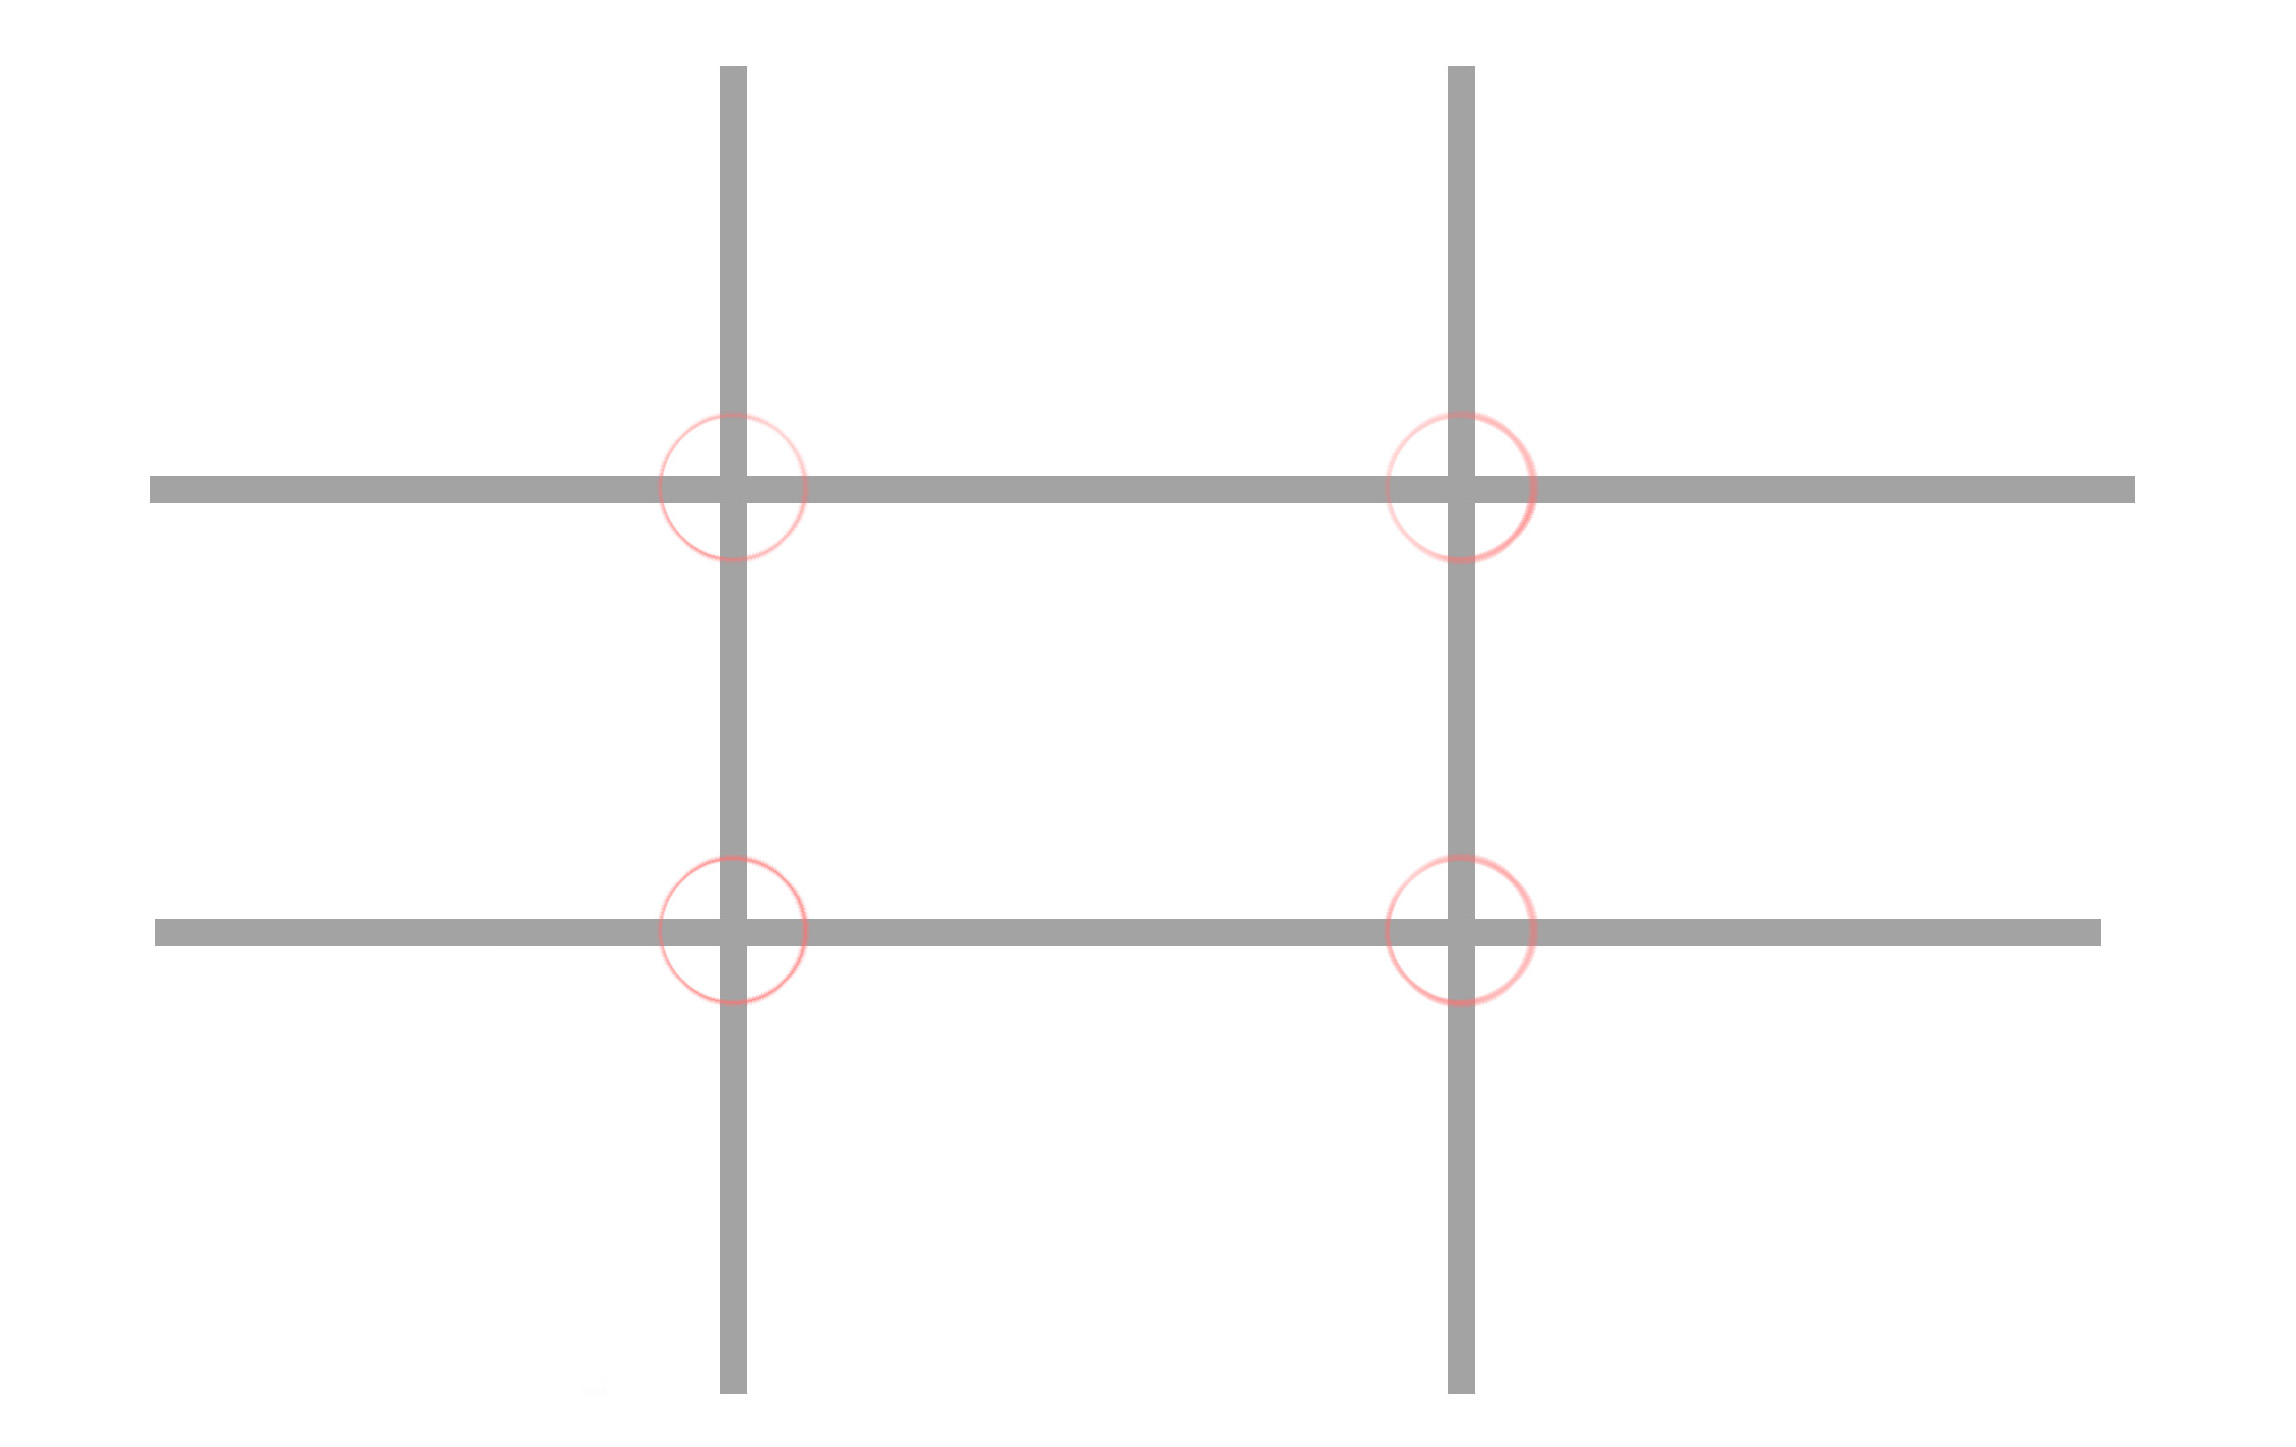 noughtsandcrosses.jpg